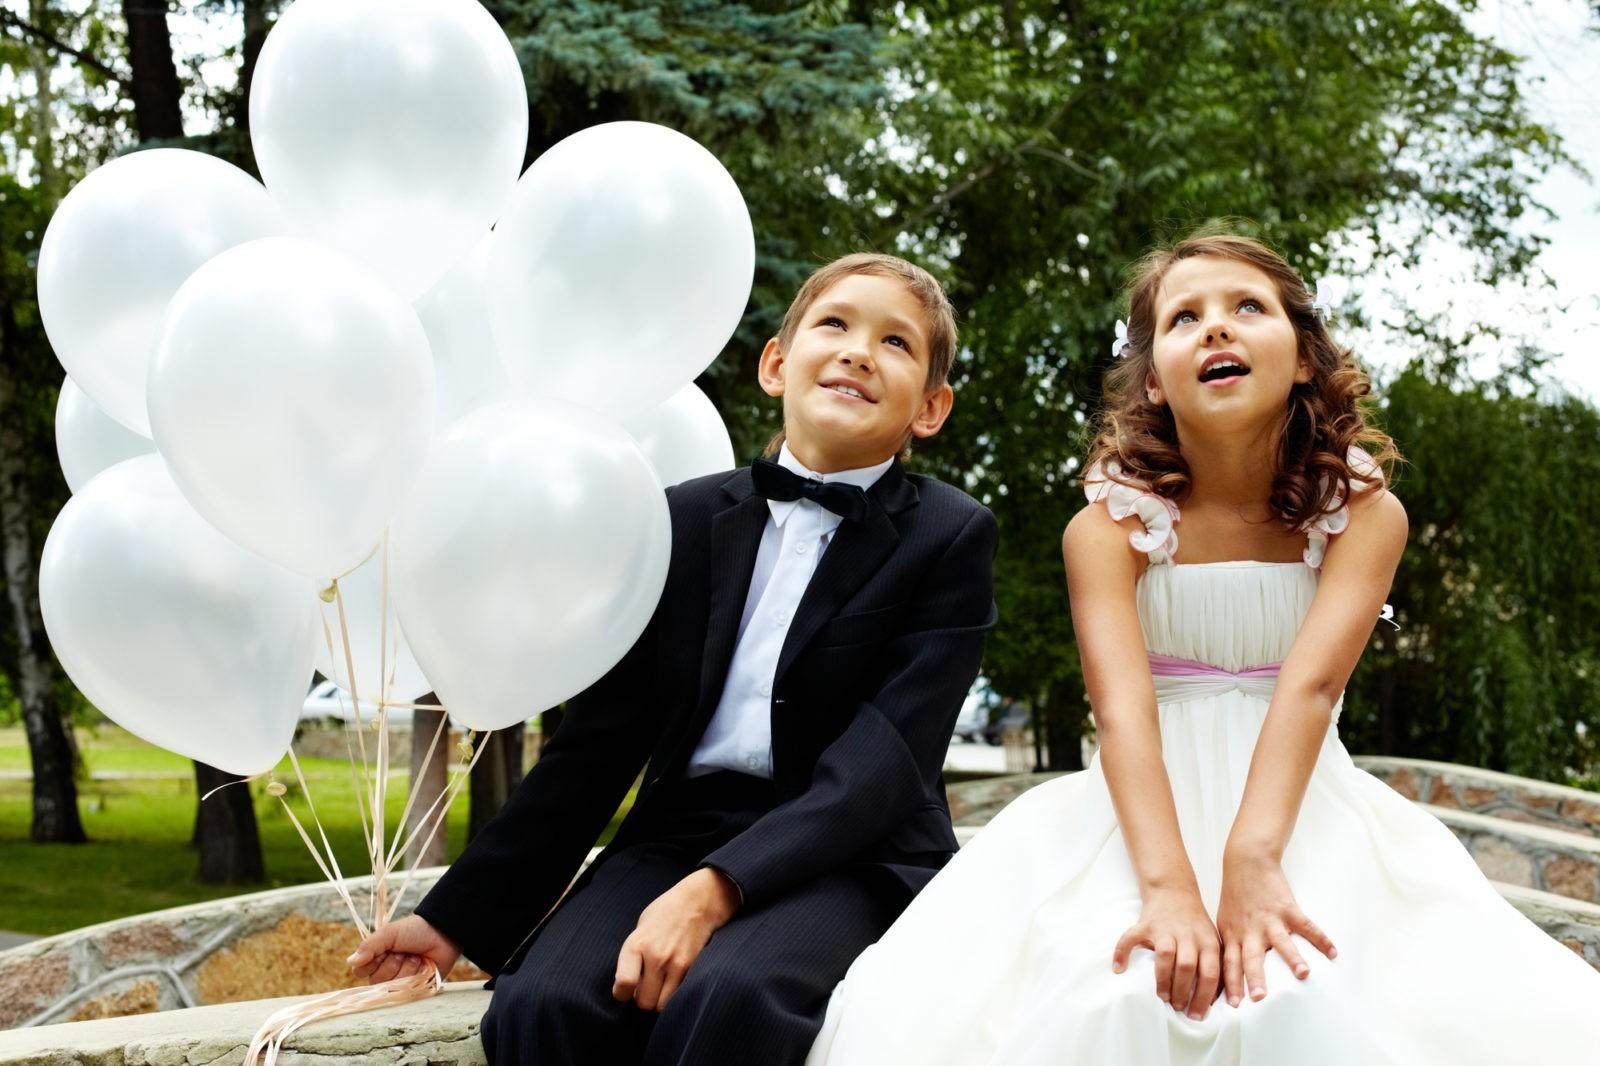 Kinderspiele Für Hochzeit